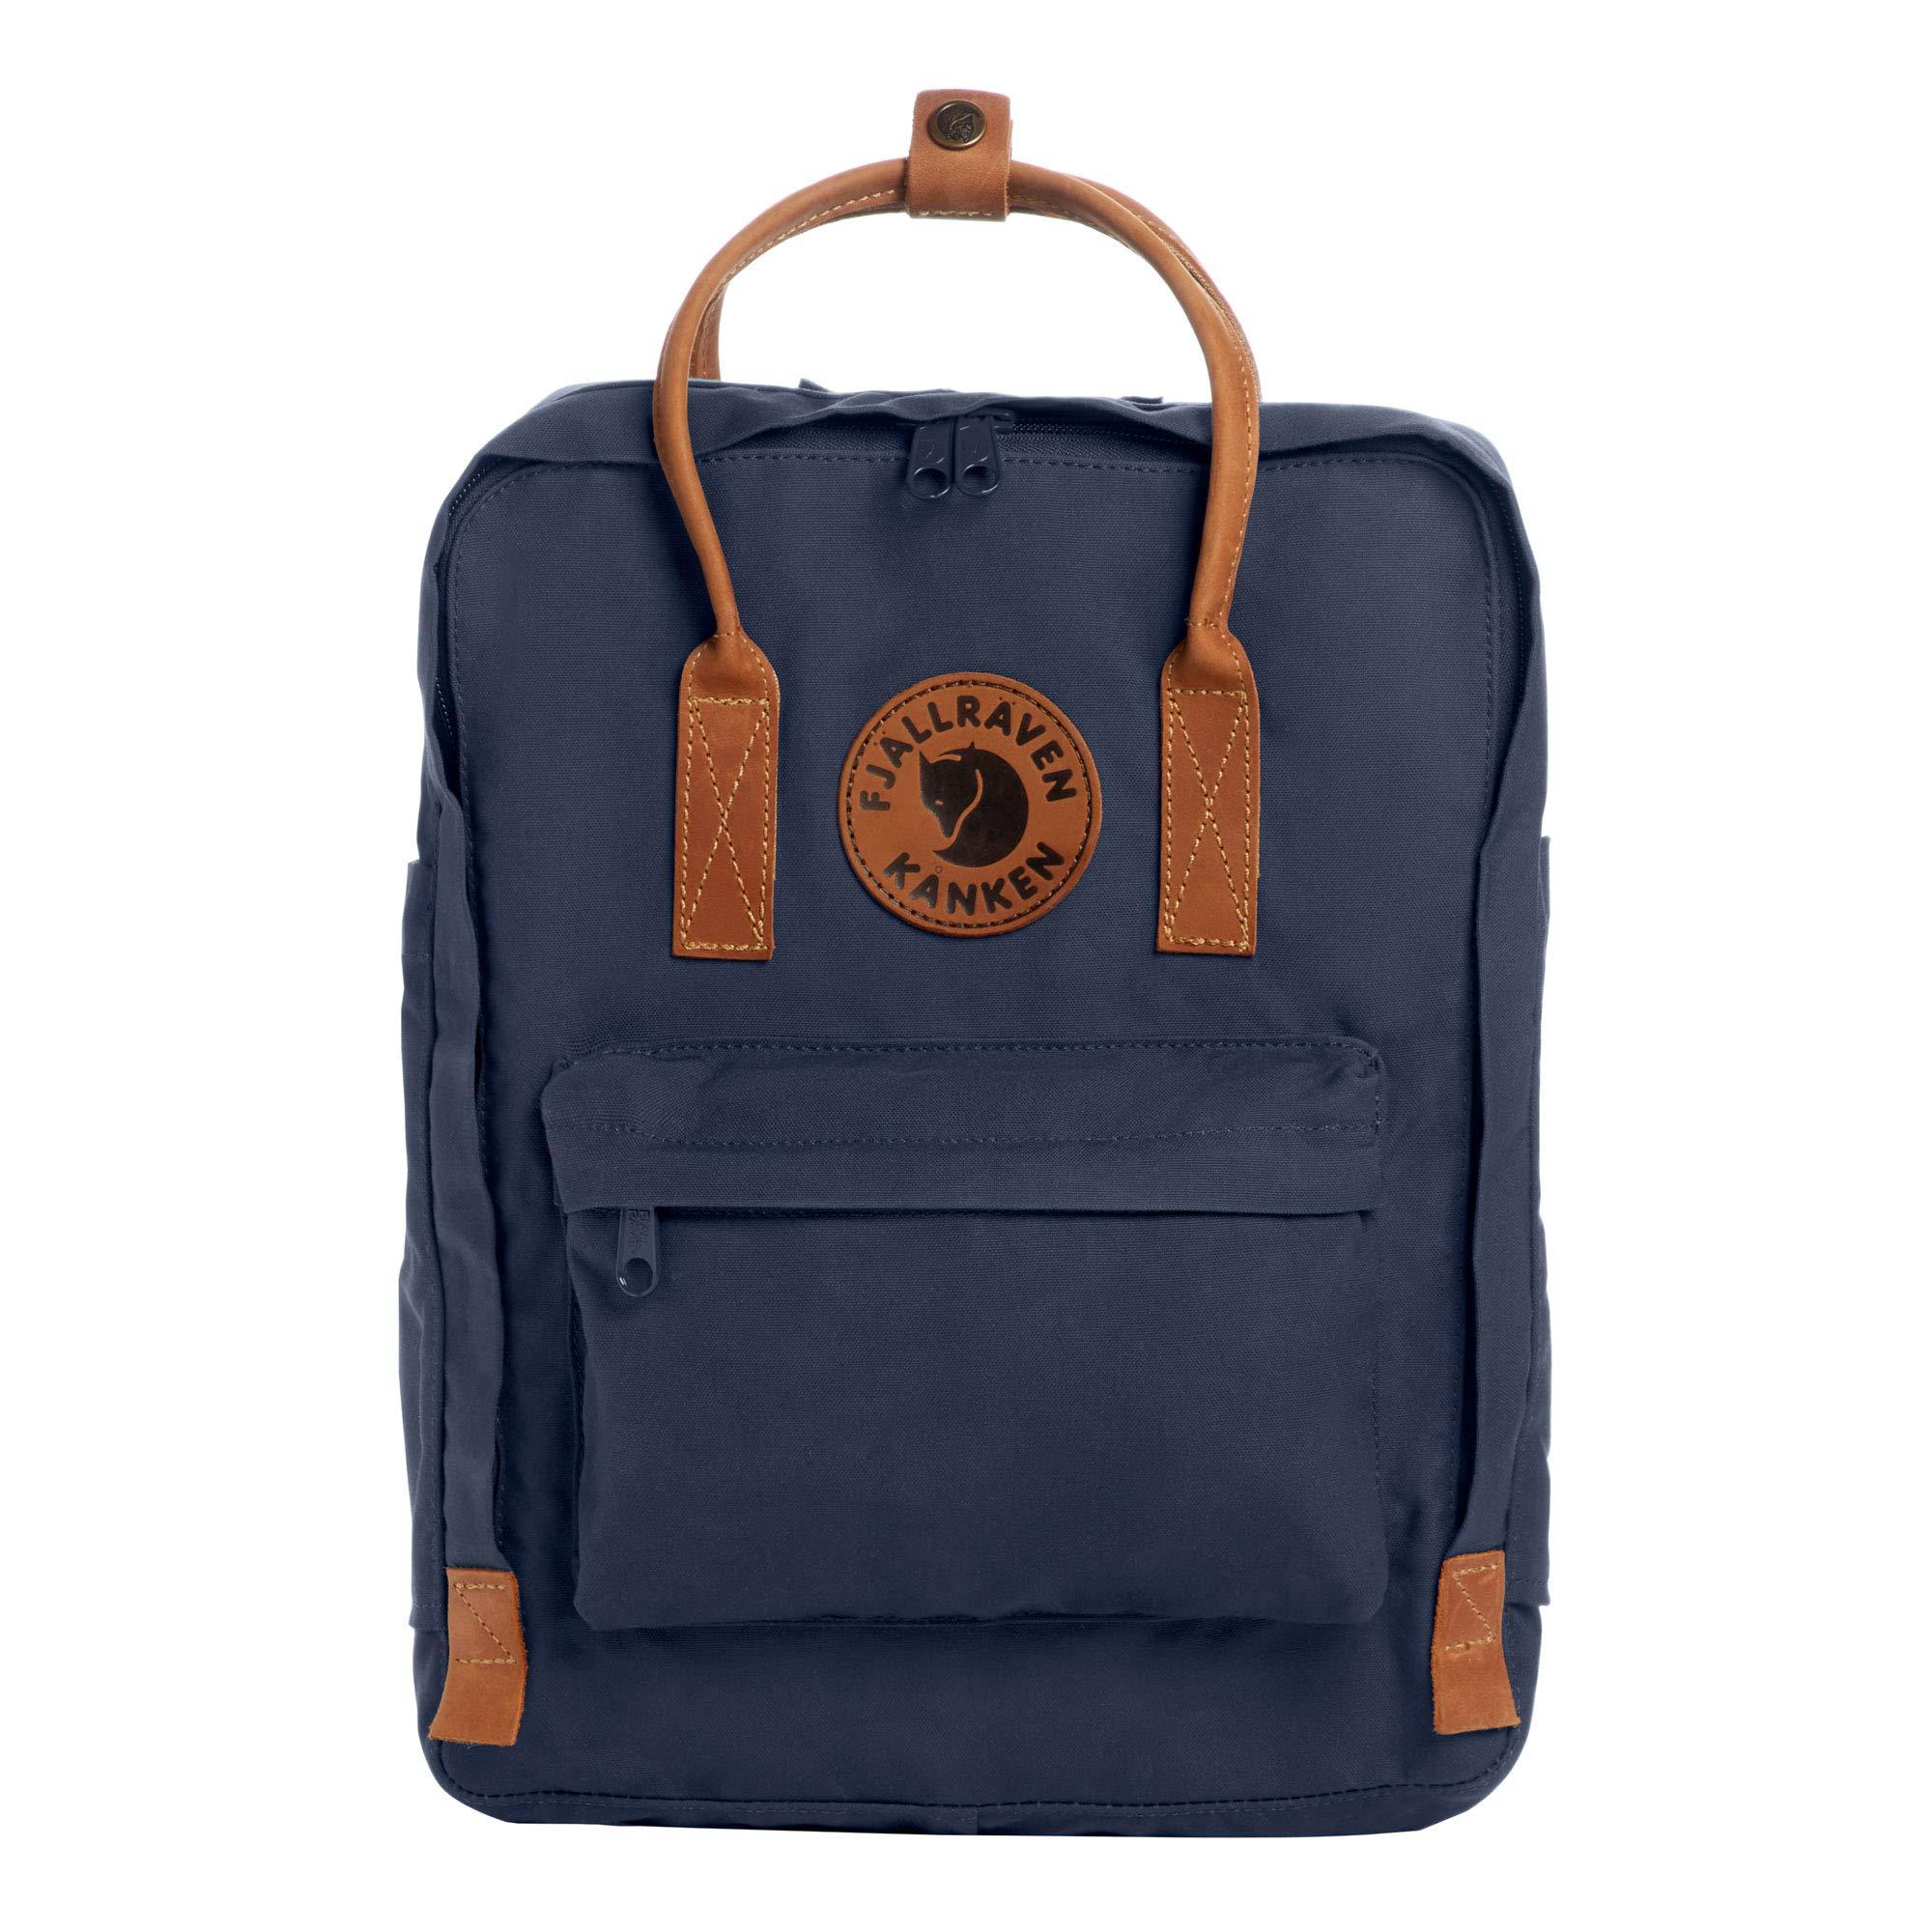 Fjallraven - Kanken No. 2 Backpack for Everyday, Navy by Fjallraven